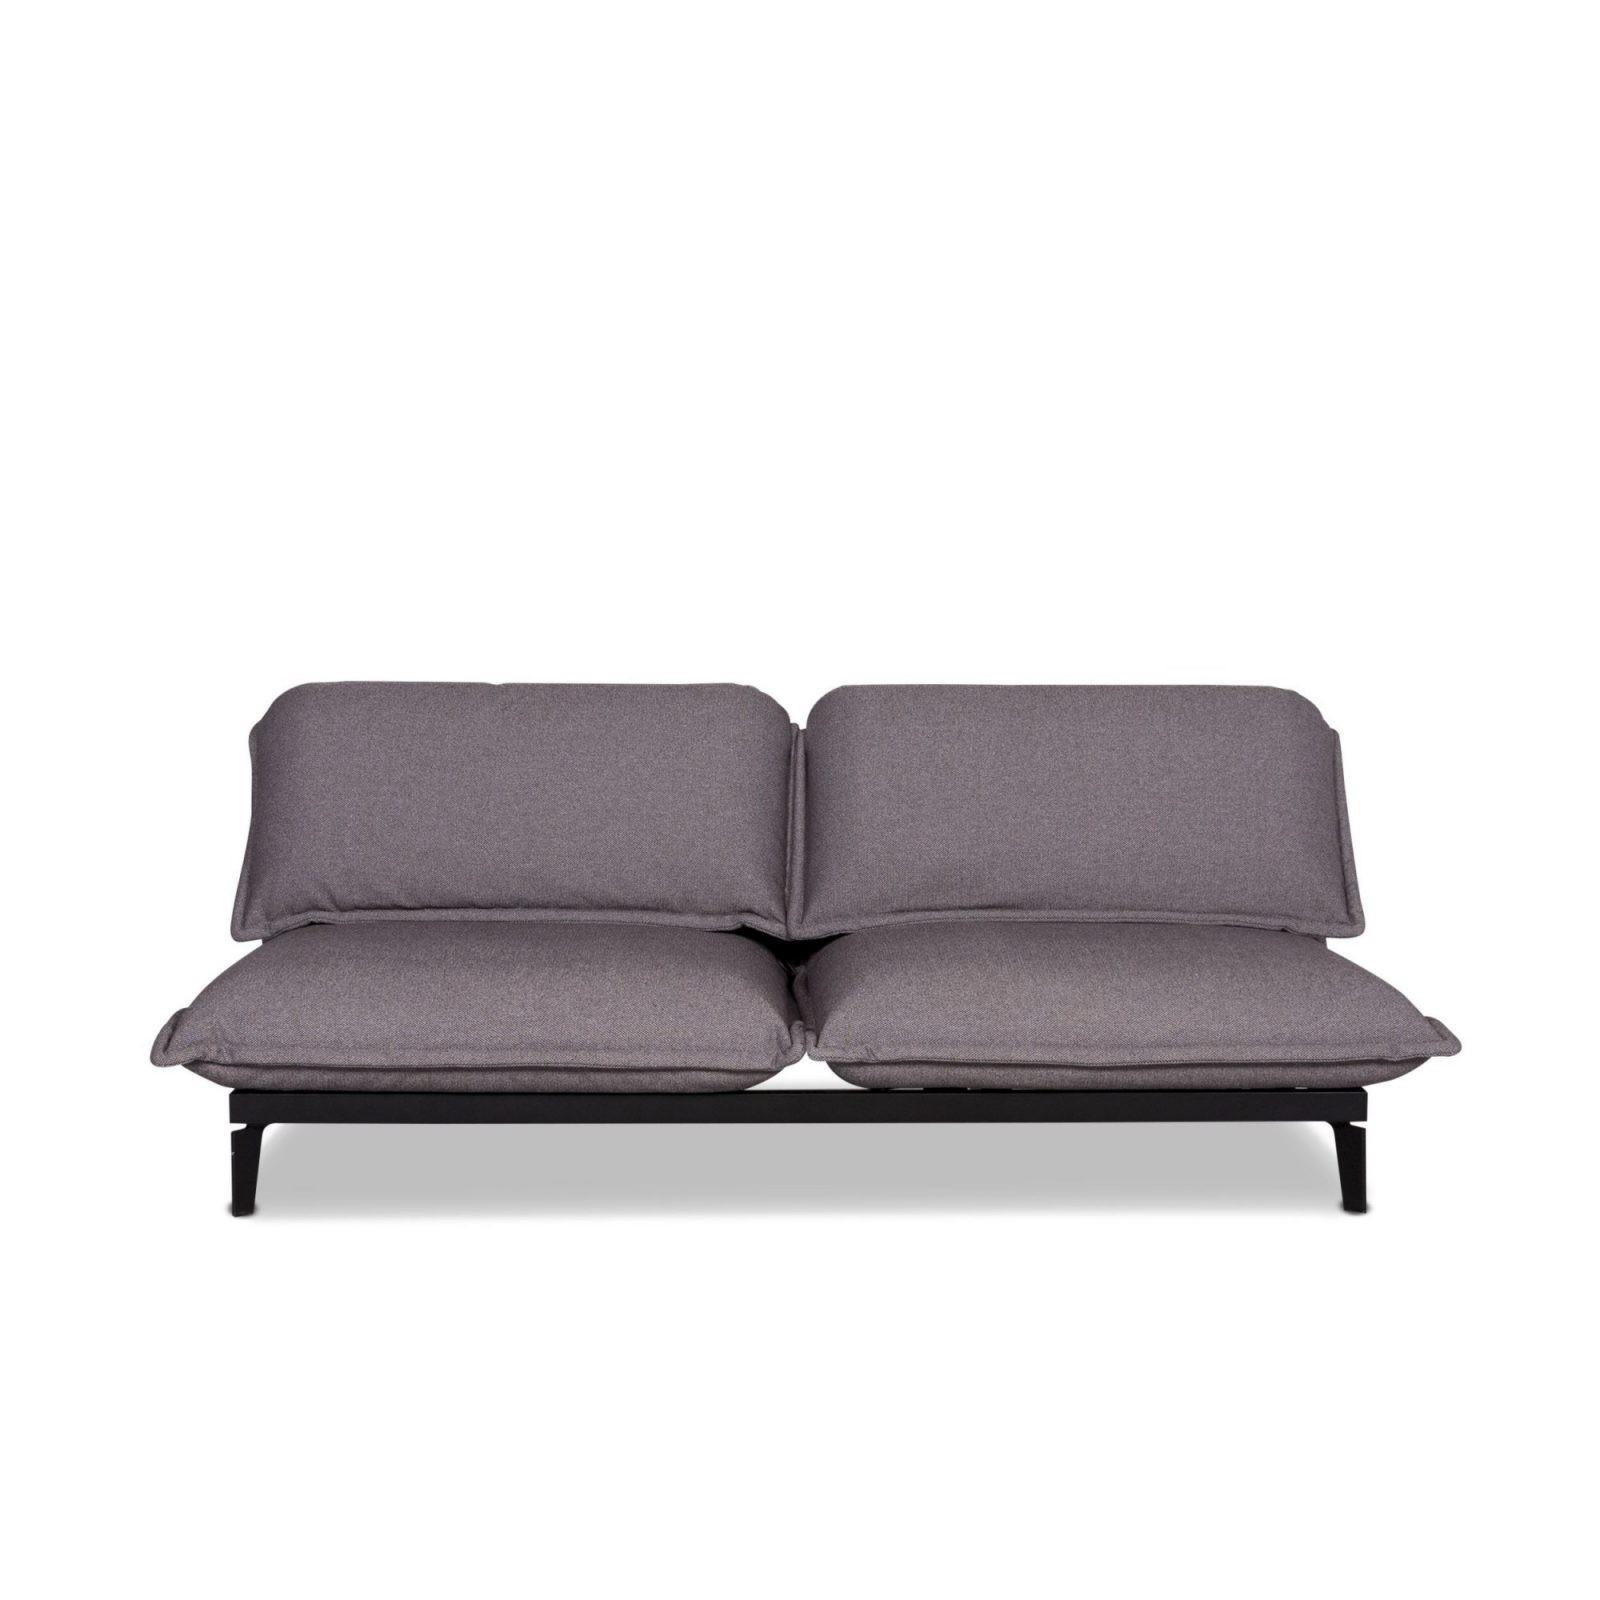 Rolf Benz Nova Designer Fabric Sofa Bed Gray Two Seater Relax von Rolf Benz Sofa Nova Bild